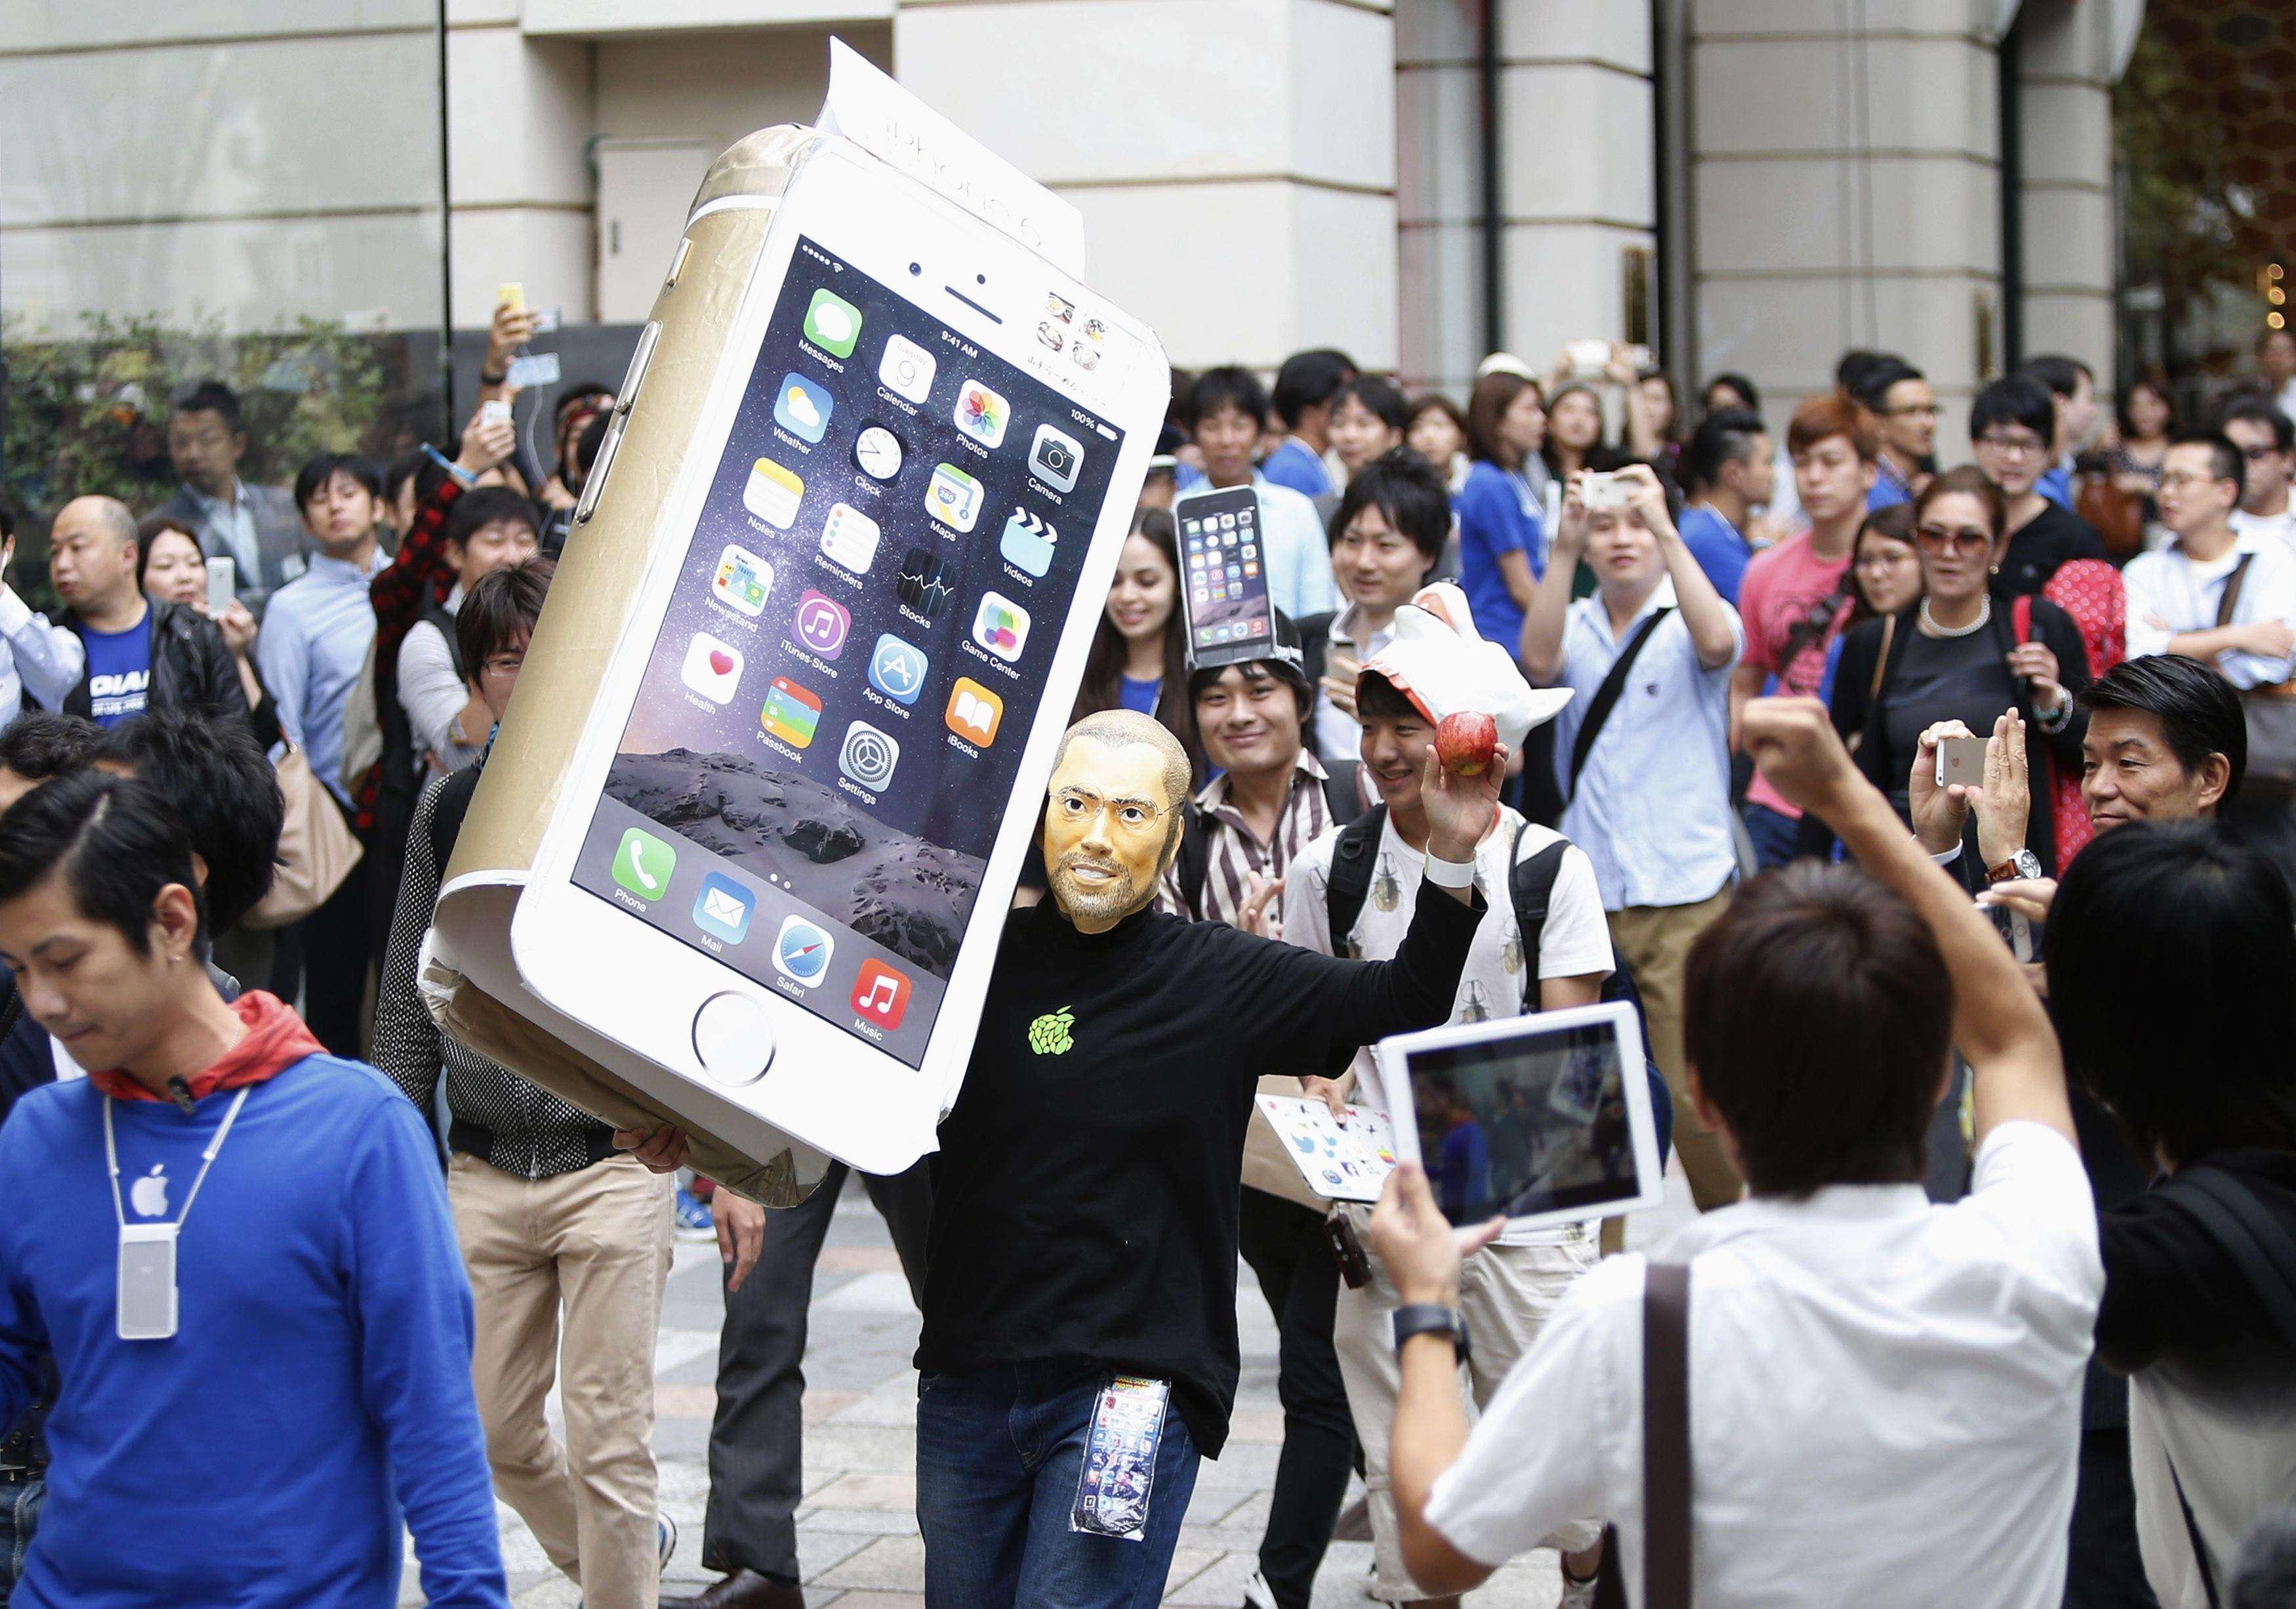 """No Japão, humor deu o tom da fila de espera; homem com máscara do Steve Jobs passeia com um iPhone 6 """"gigante"""" de papelão nas ruas de Tóquio Foto: Yuya Shino/Reuters"""